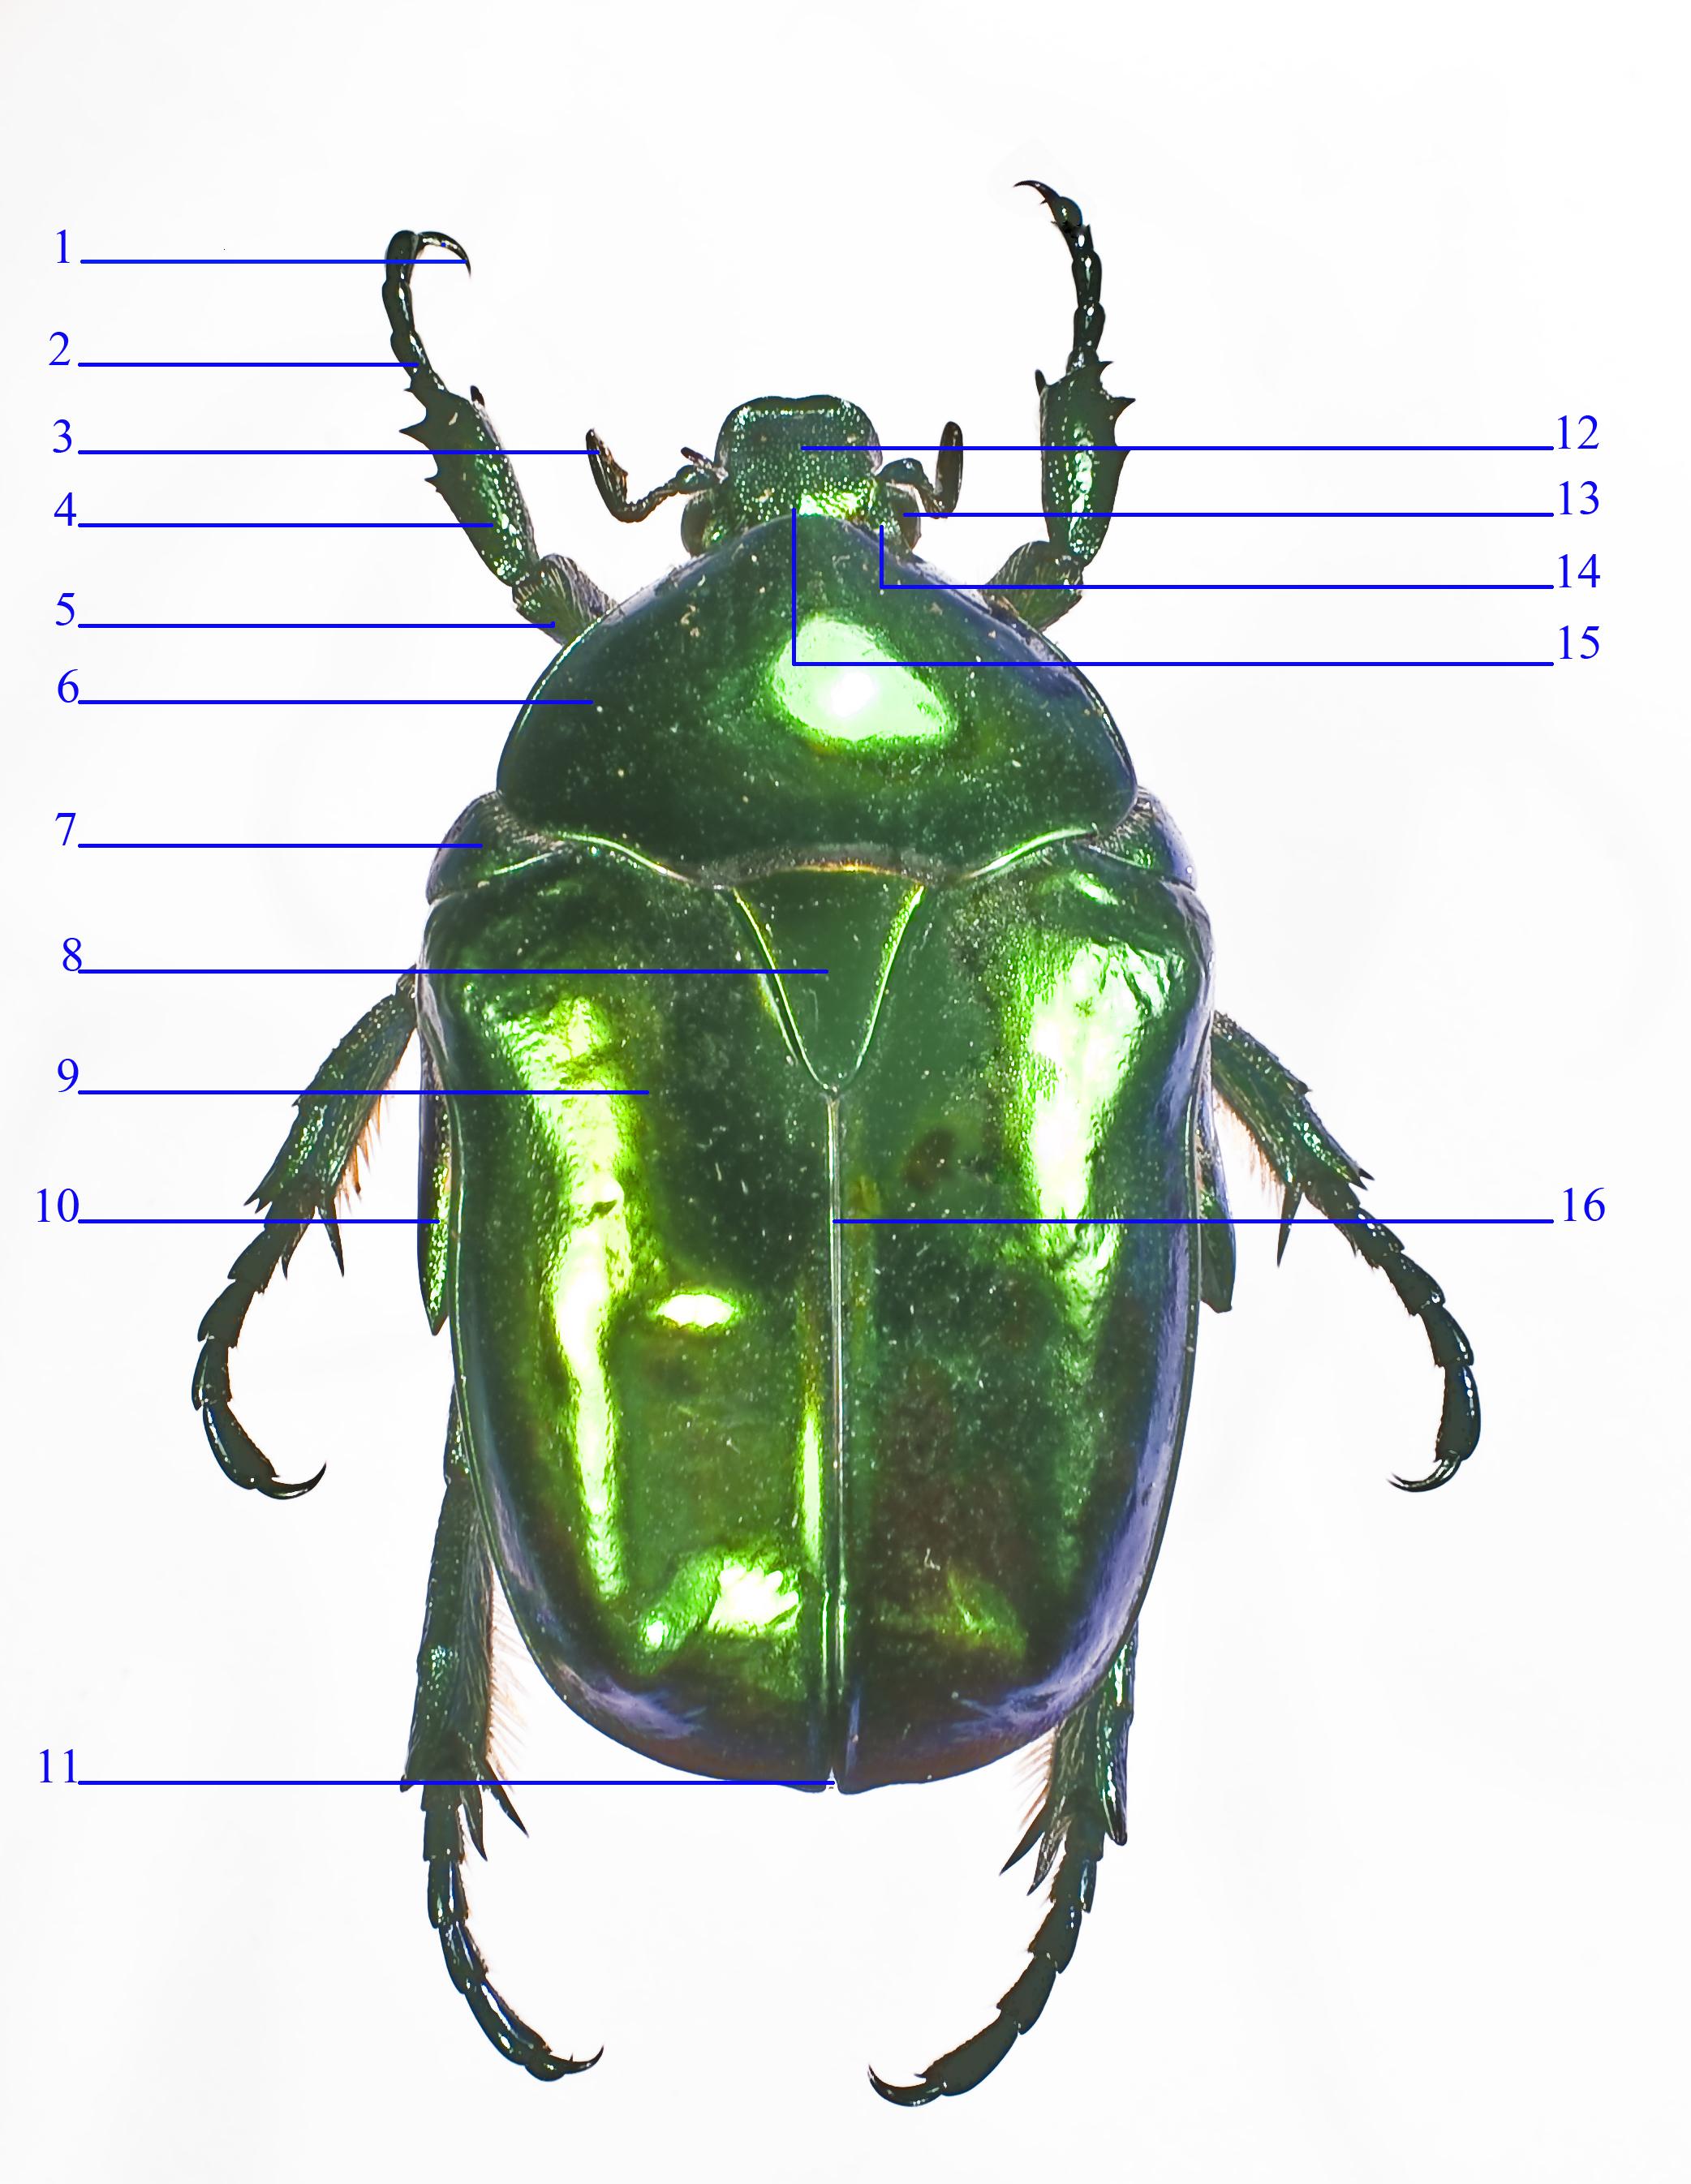 File:Anatomie Cétoine (face dorsale).jpg - Wikimedia Commons